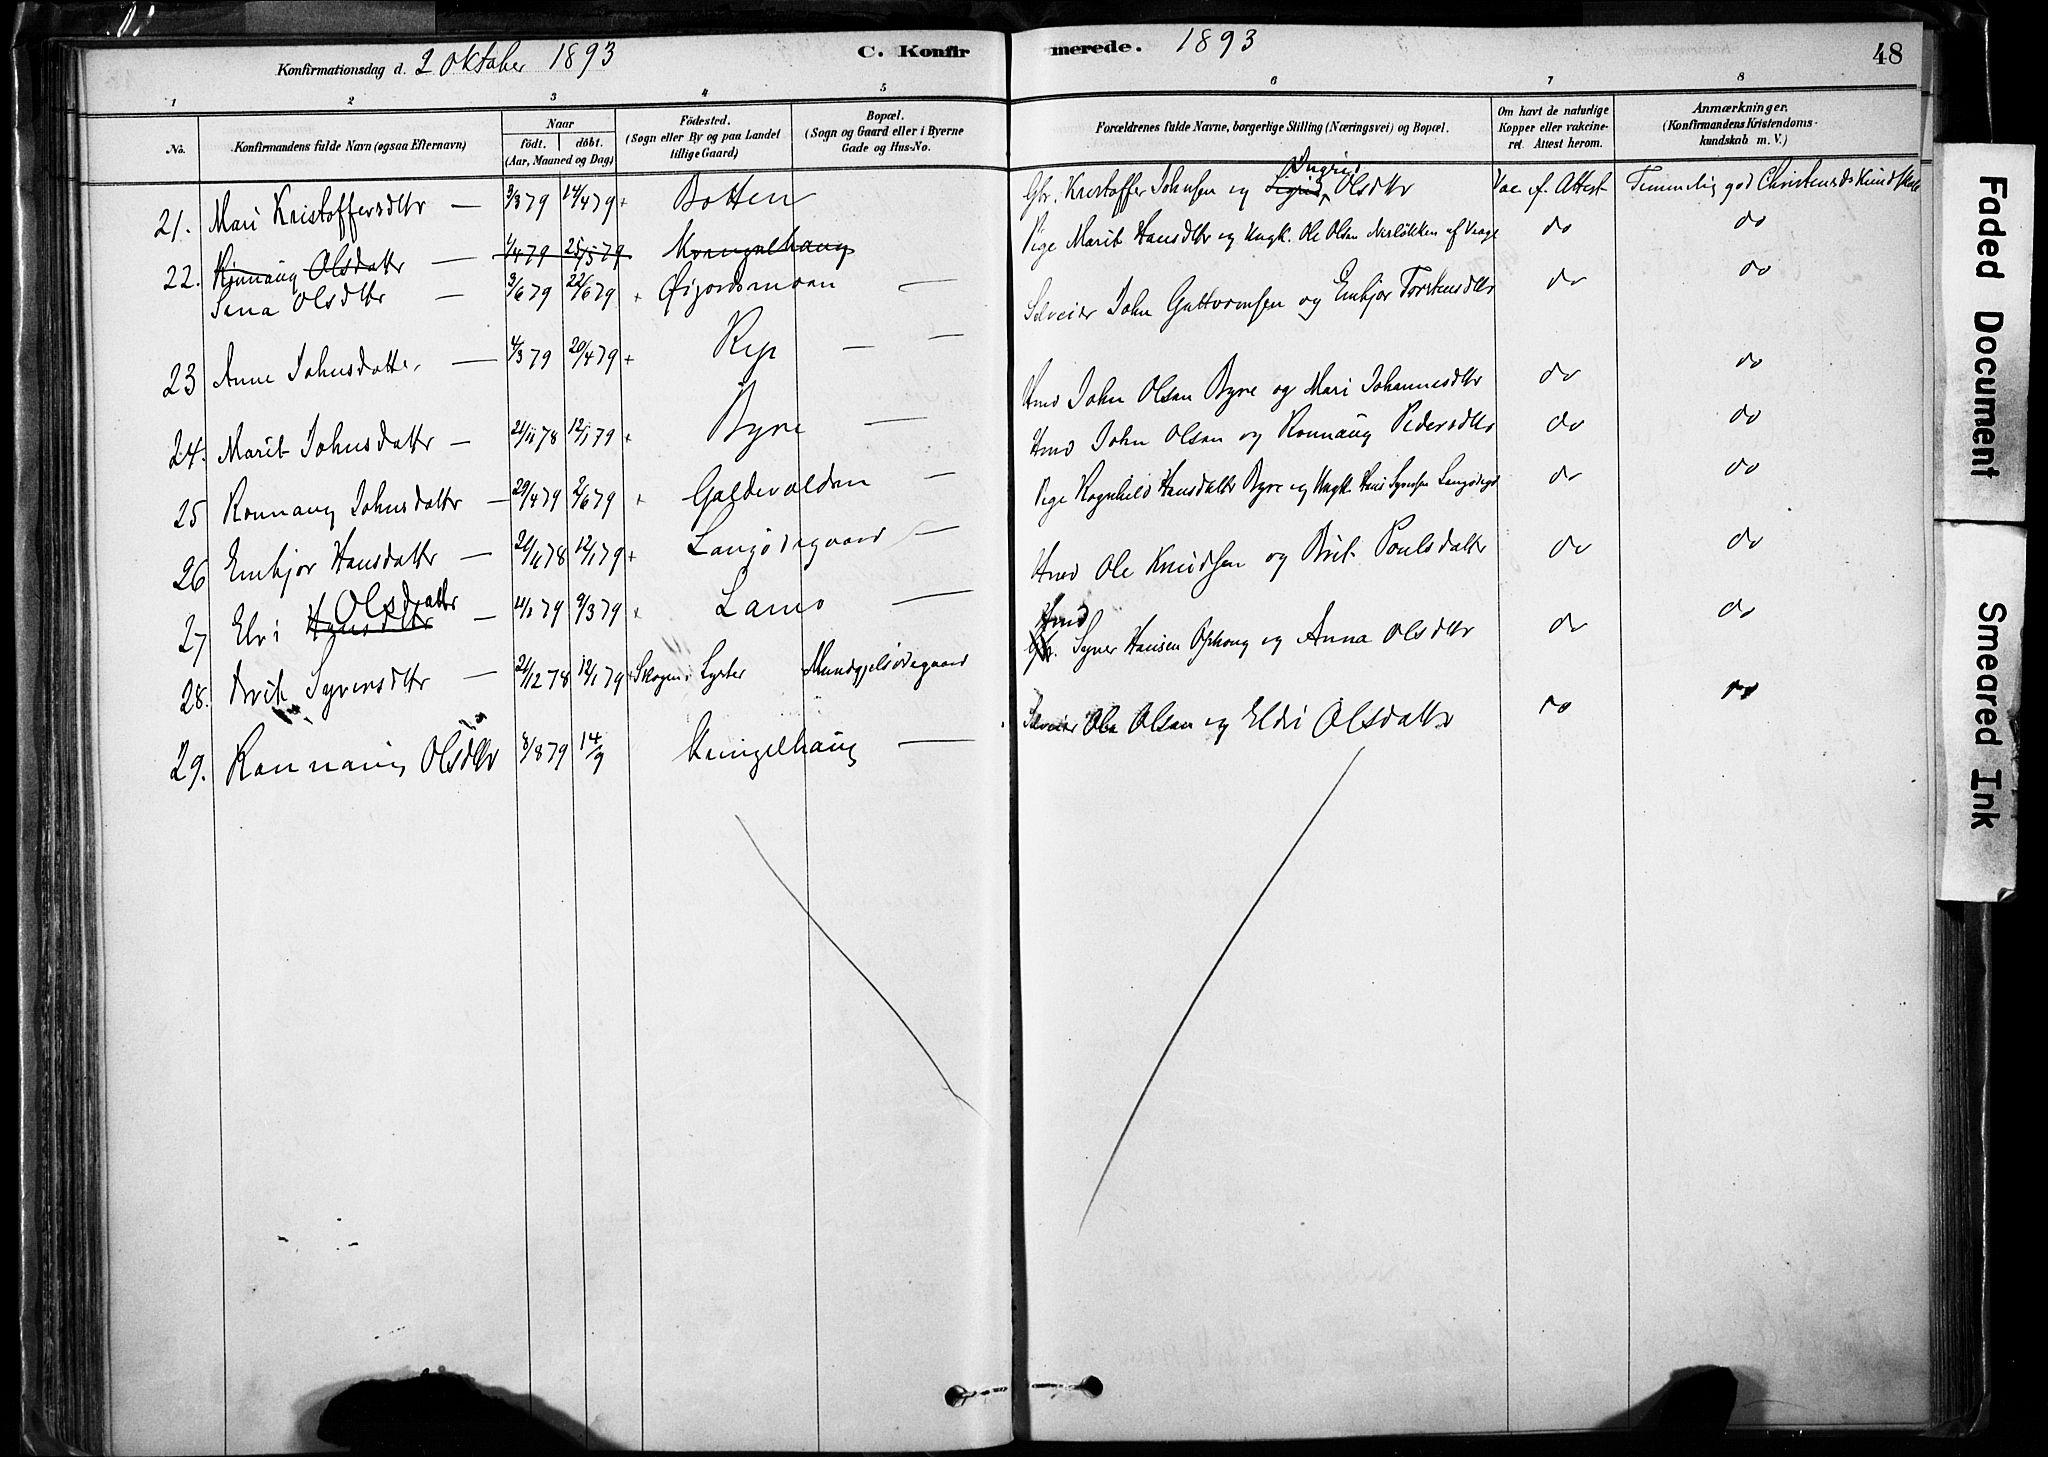 SAH, Lom prestekontor, K/L0009: Ministerialbok nr. 9, 1878-1907, s. 48